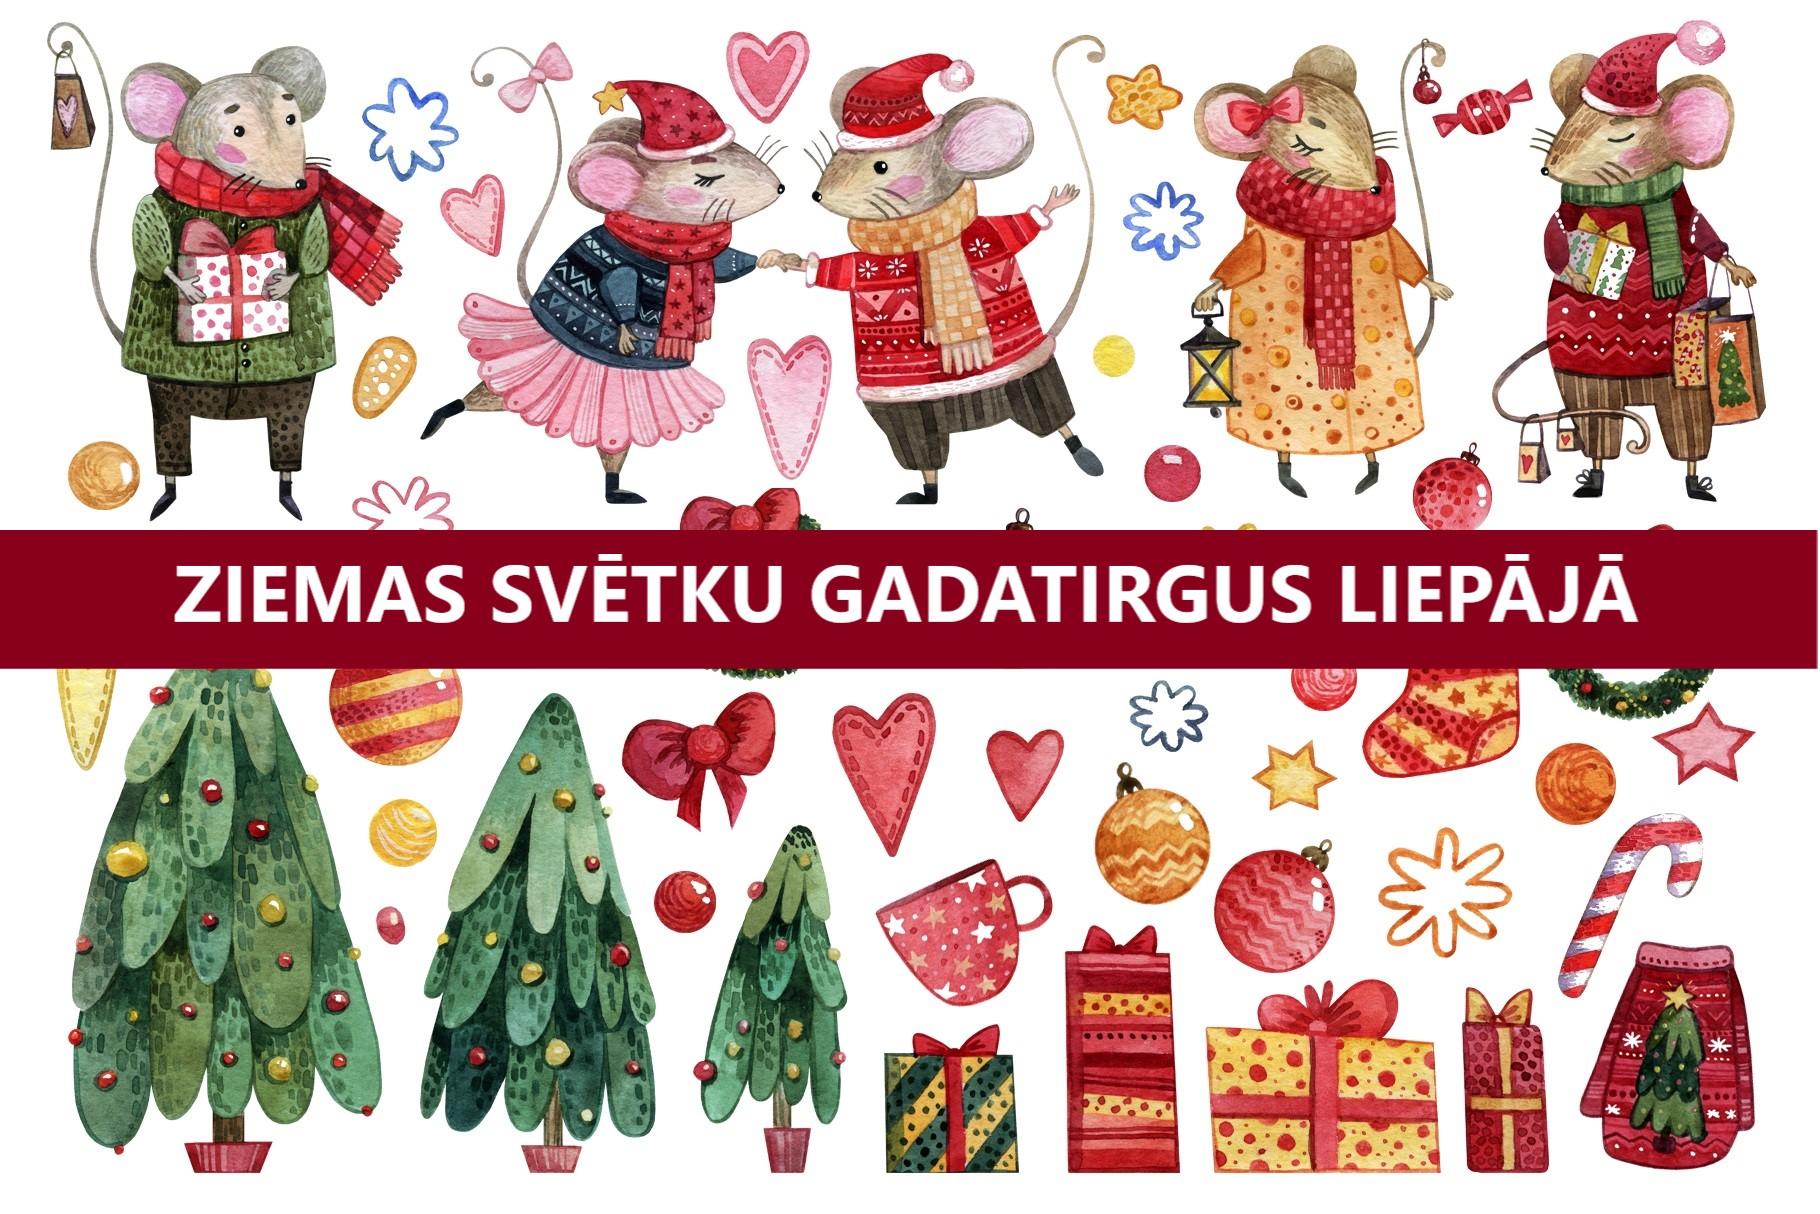 LIELAIS ZIEMAS svētku gadatirgus Liepājā